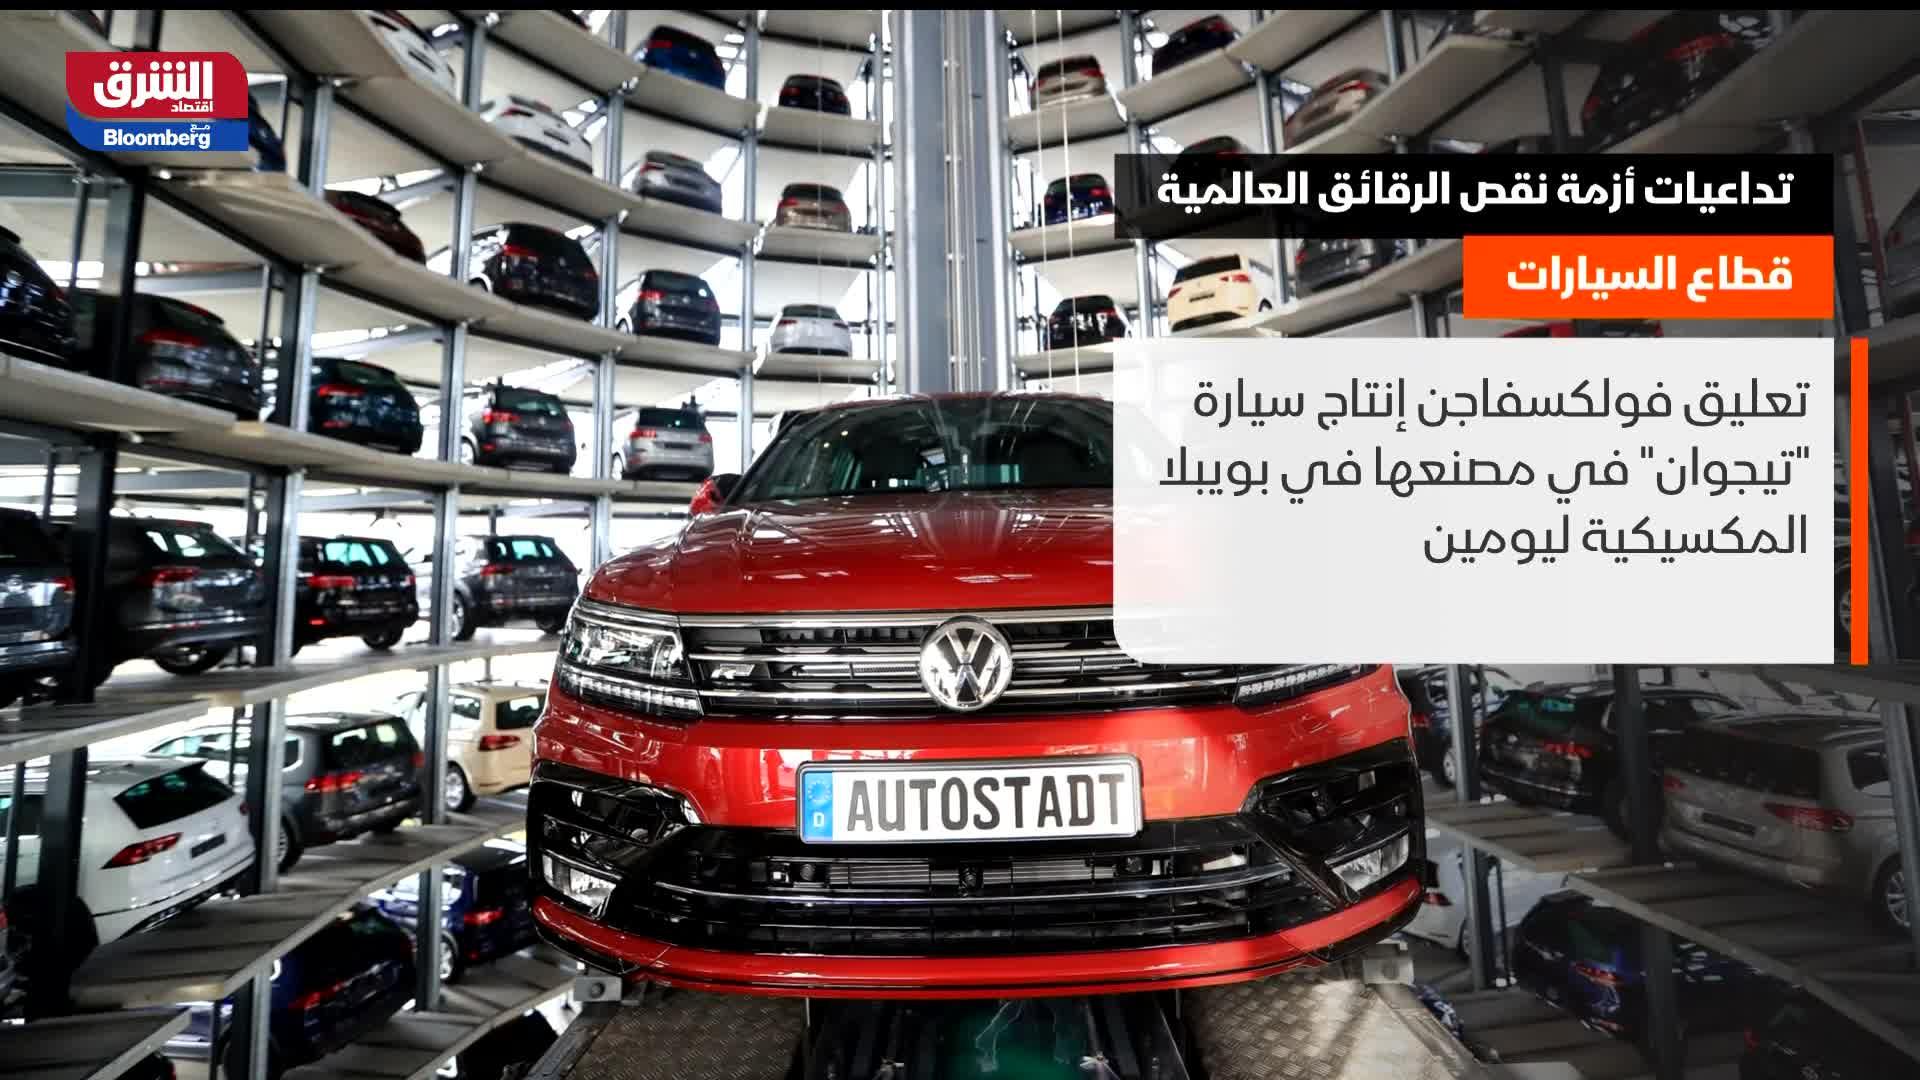 تداعيات أزمة نقص الرقائق العالمية.. قطاع السيارات